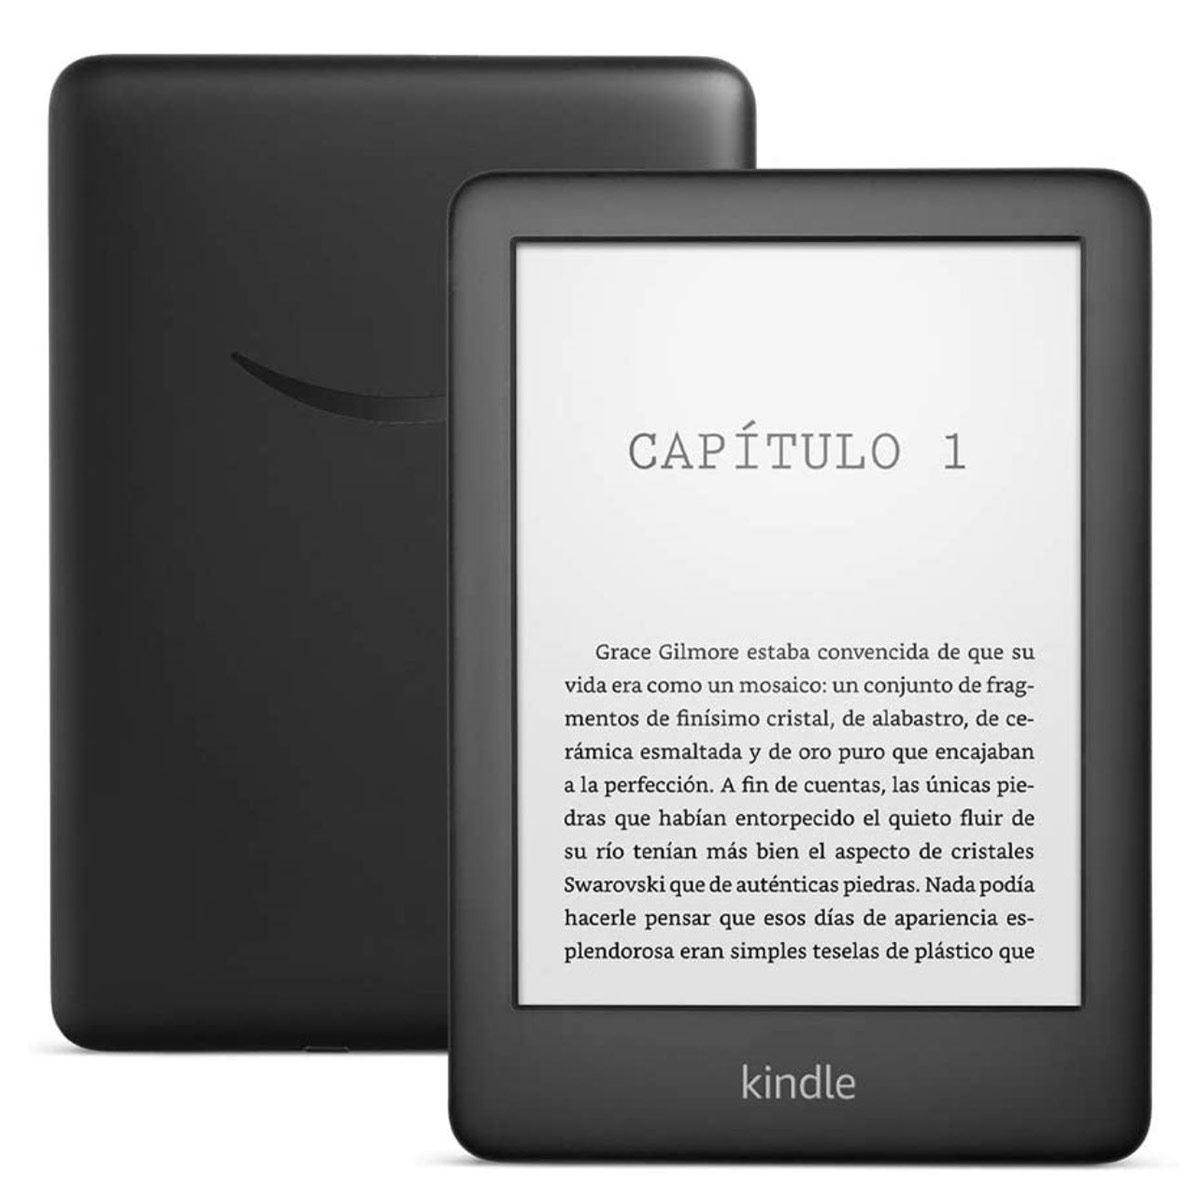 Libro Electrónico Kindle 10° Generación Negro